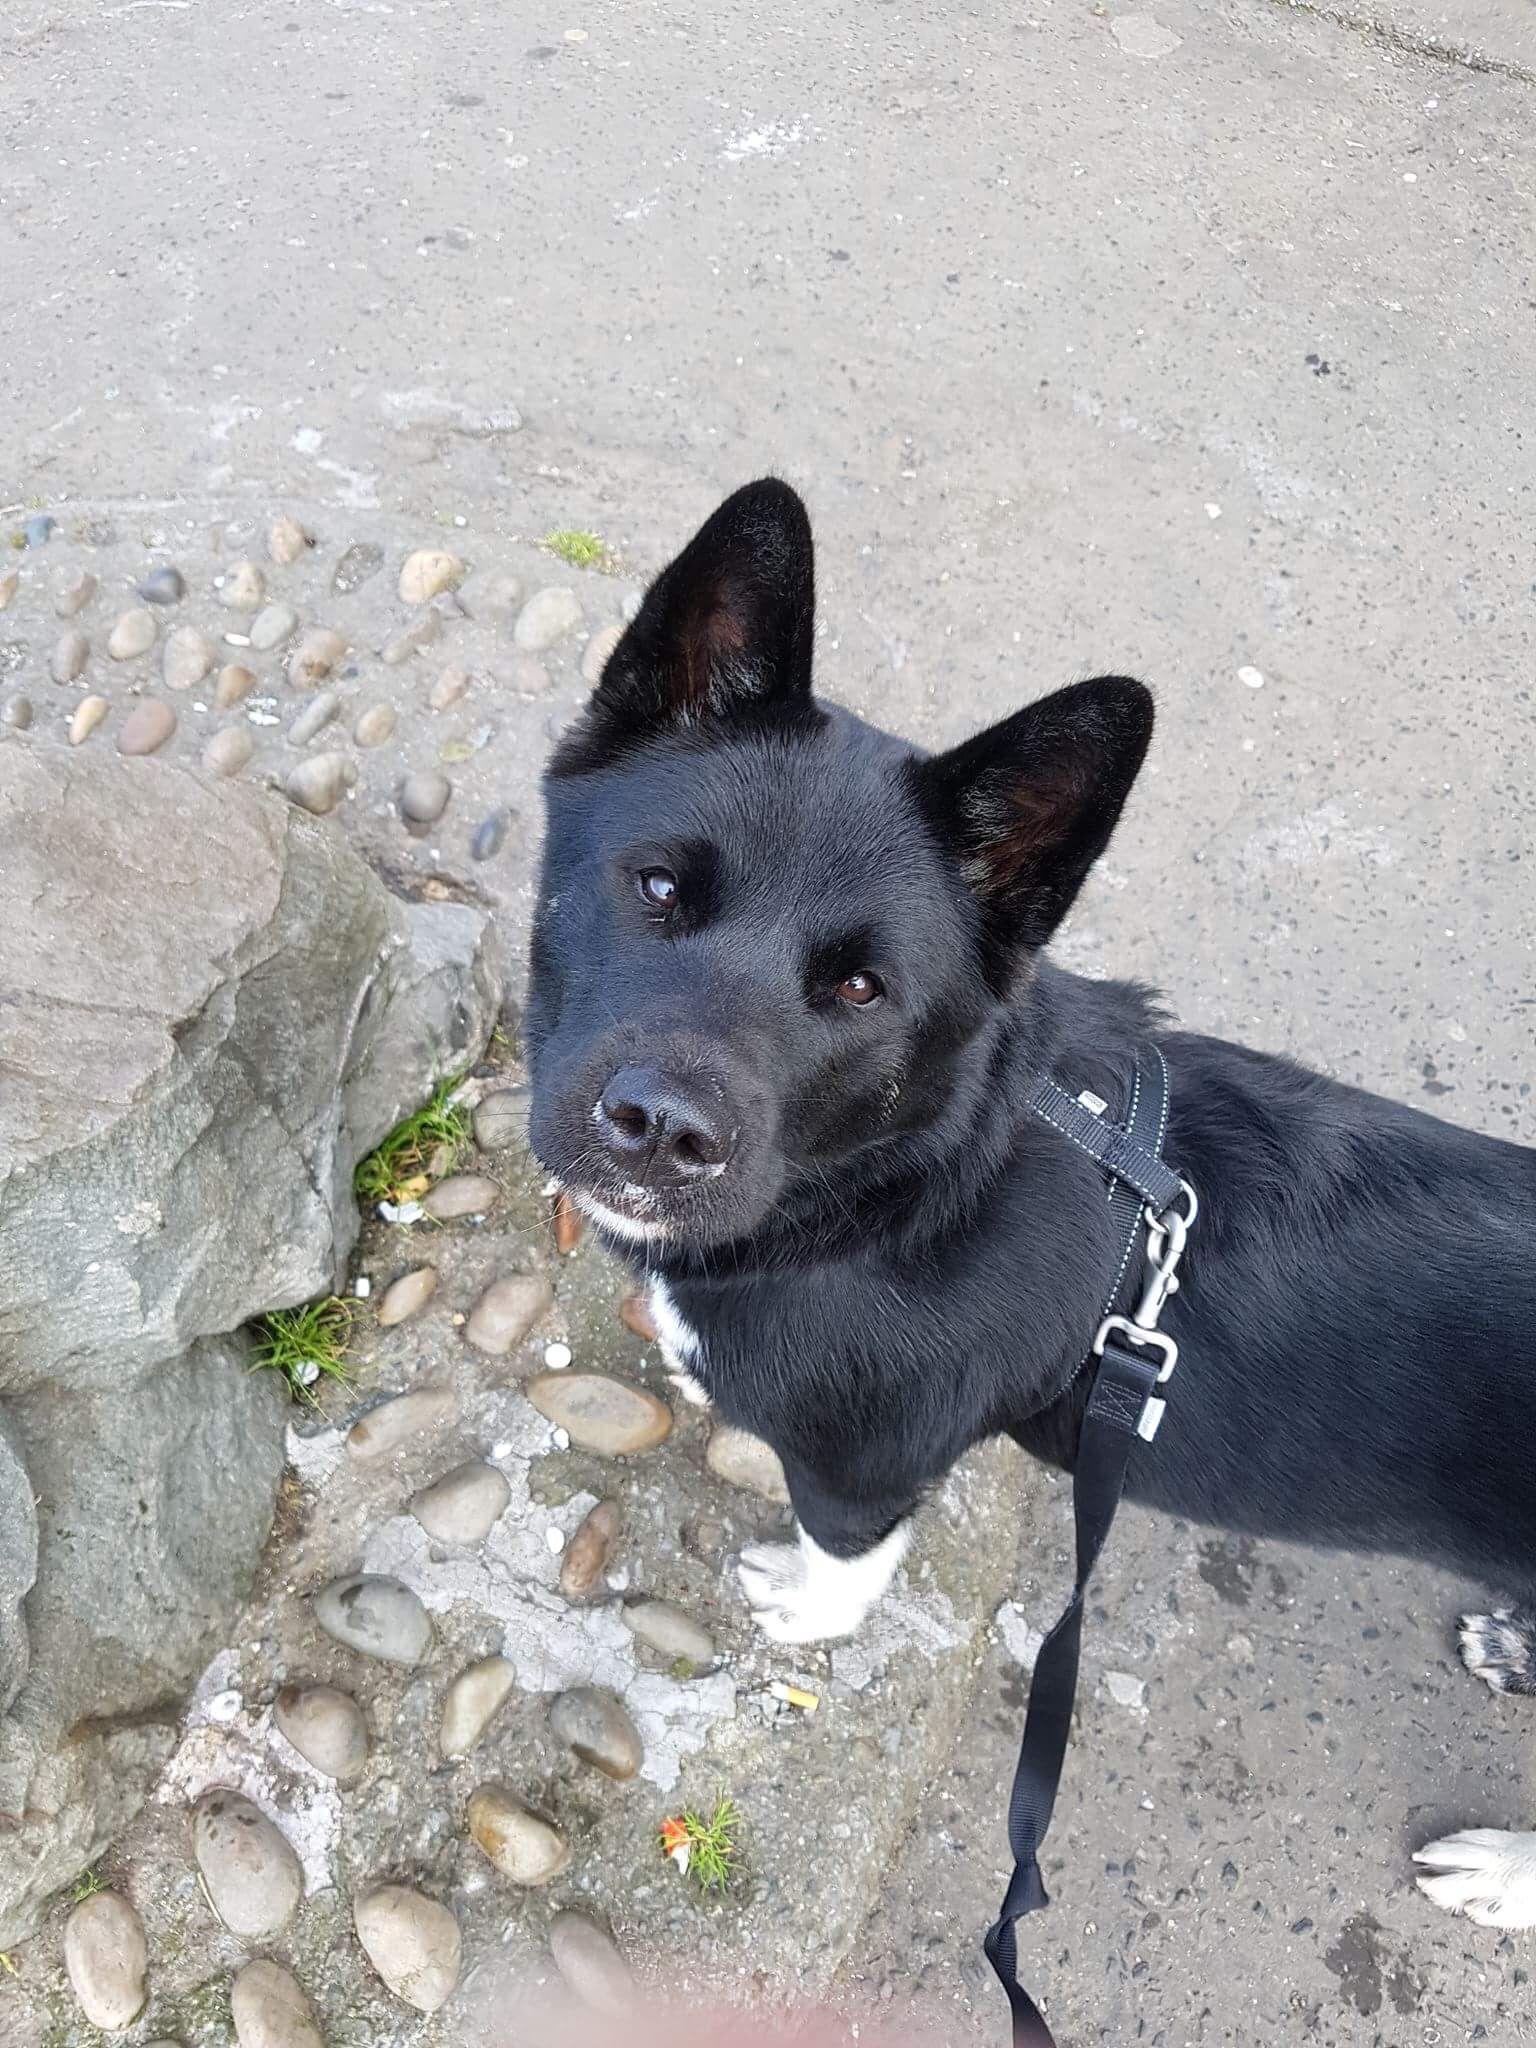 Kleinsthunderassen Bilder Für Whatsapp - Kleinsthunderassen Bilder Für Whatsapp